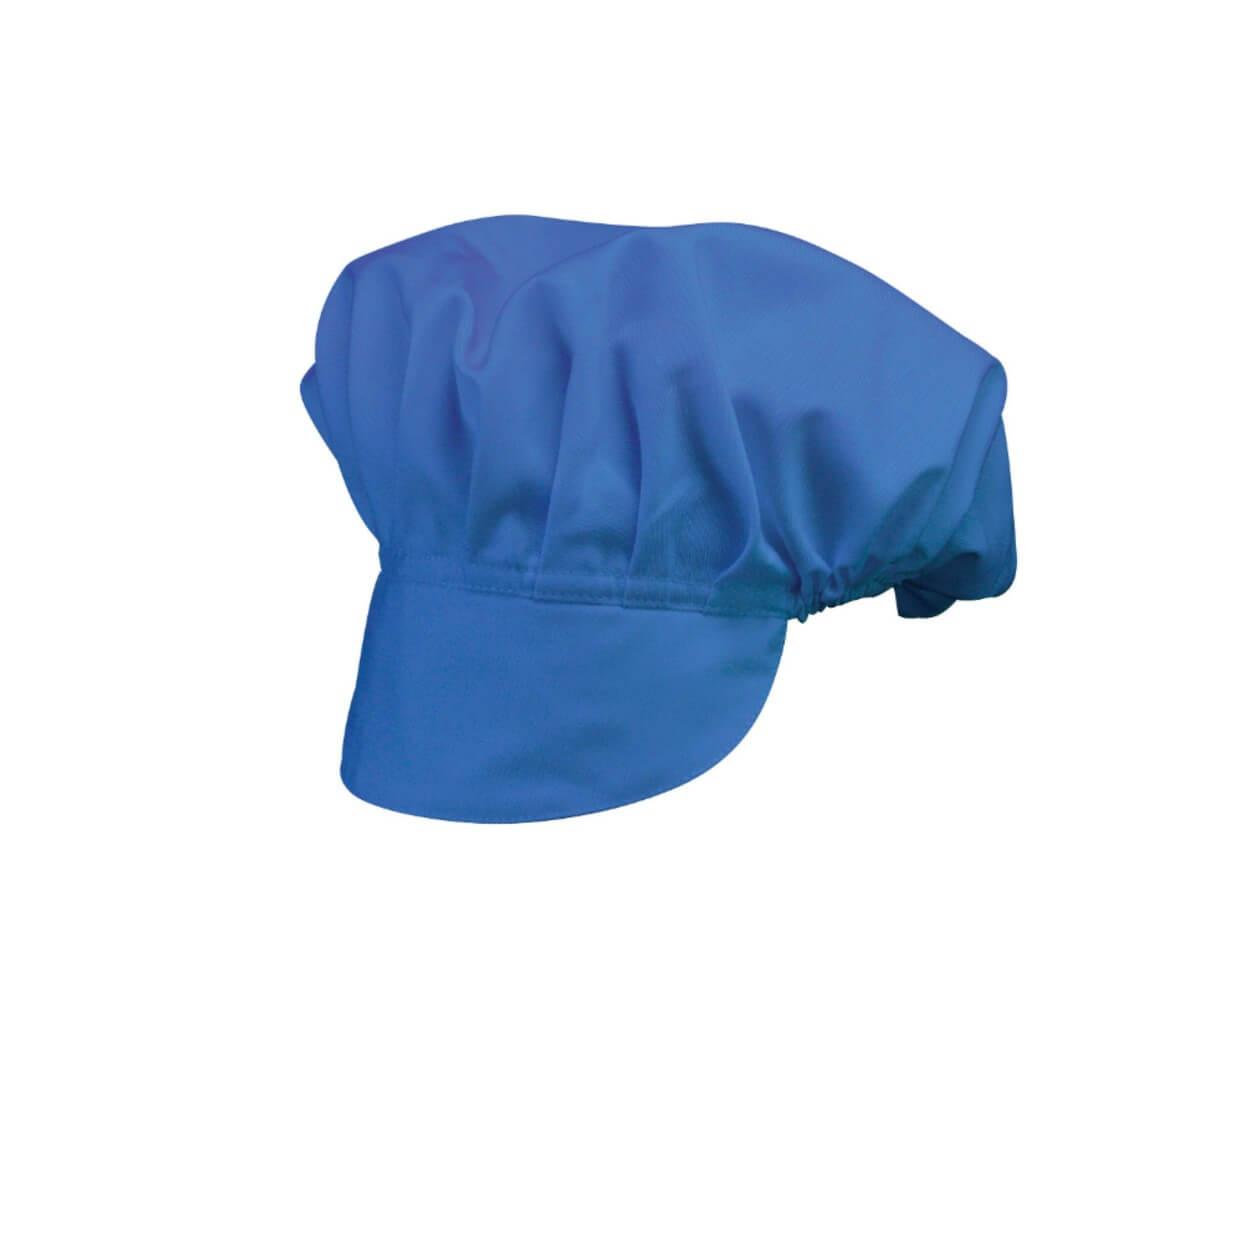 Βαμβακερό καπέλο από πολυεστέρα